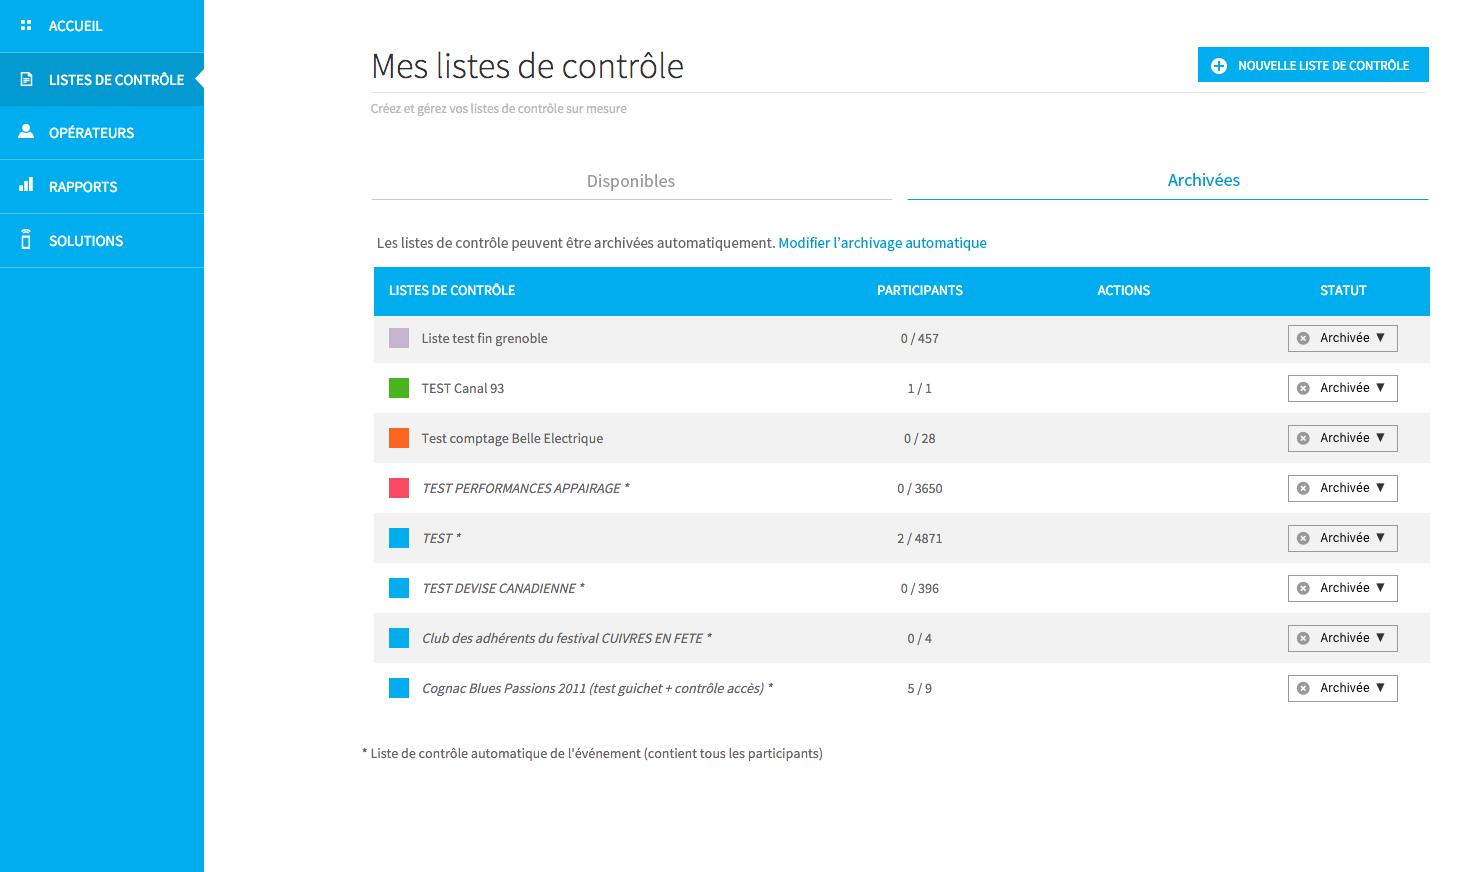 Archivage automatique des listes de contrôle